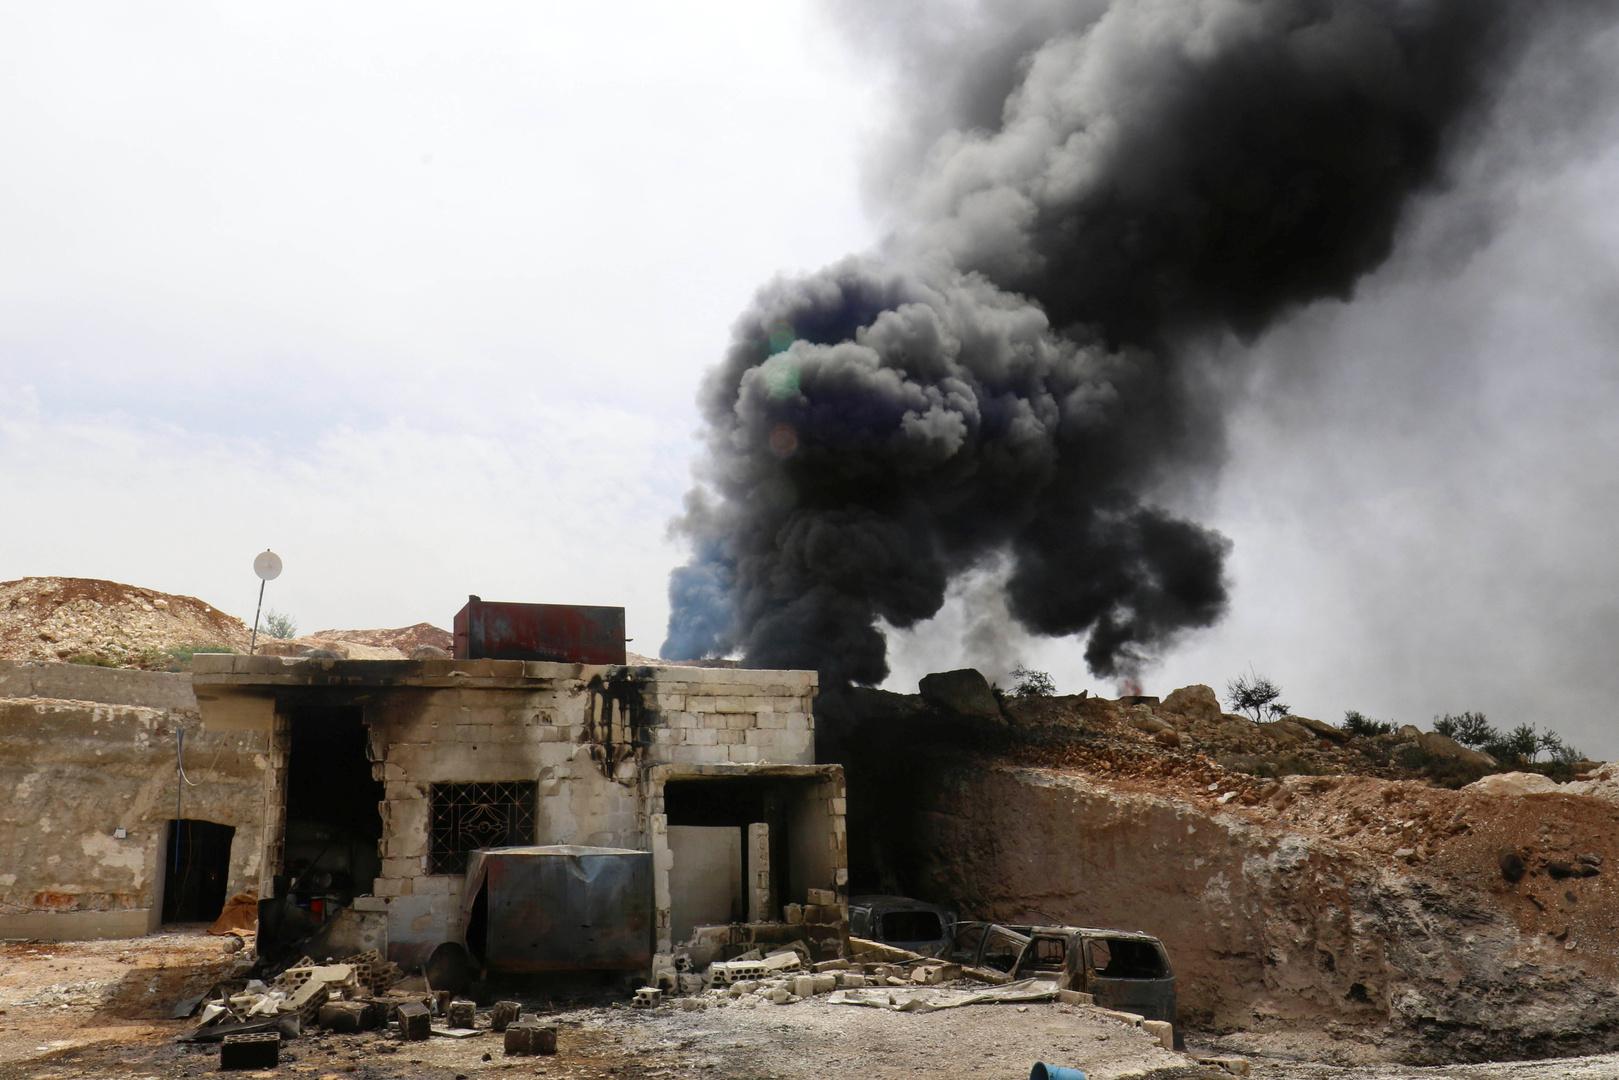 <a href='/tags/170-%D8%A7%D9%84%D8%AC%D9%8A%D8%B4-%D8%A7%D9%84%D8%B3%D9%88%D8%B1%D9%8A'>الجيش السوري</a> يصفي قياديين في